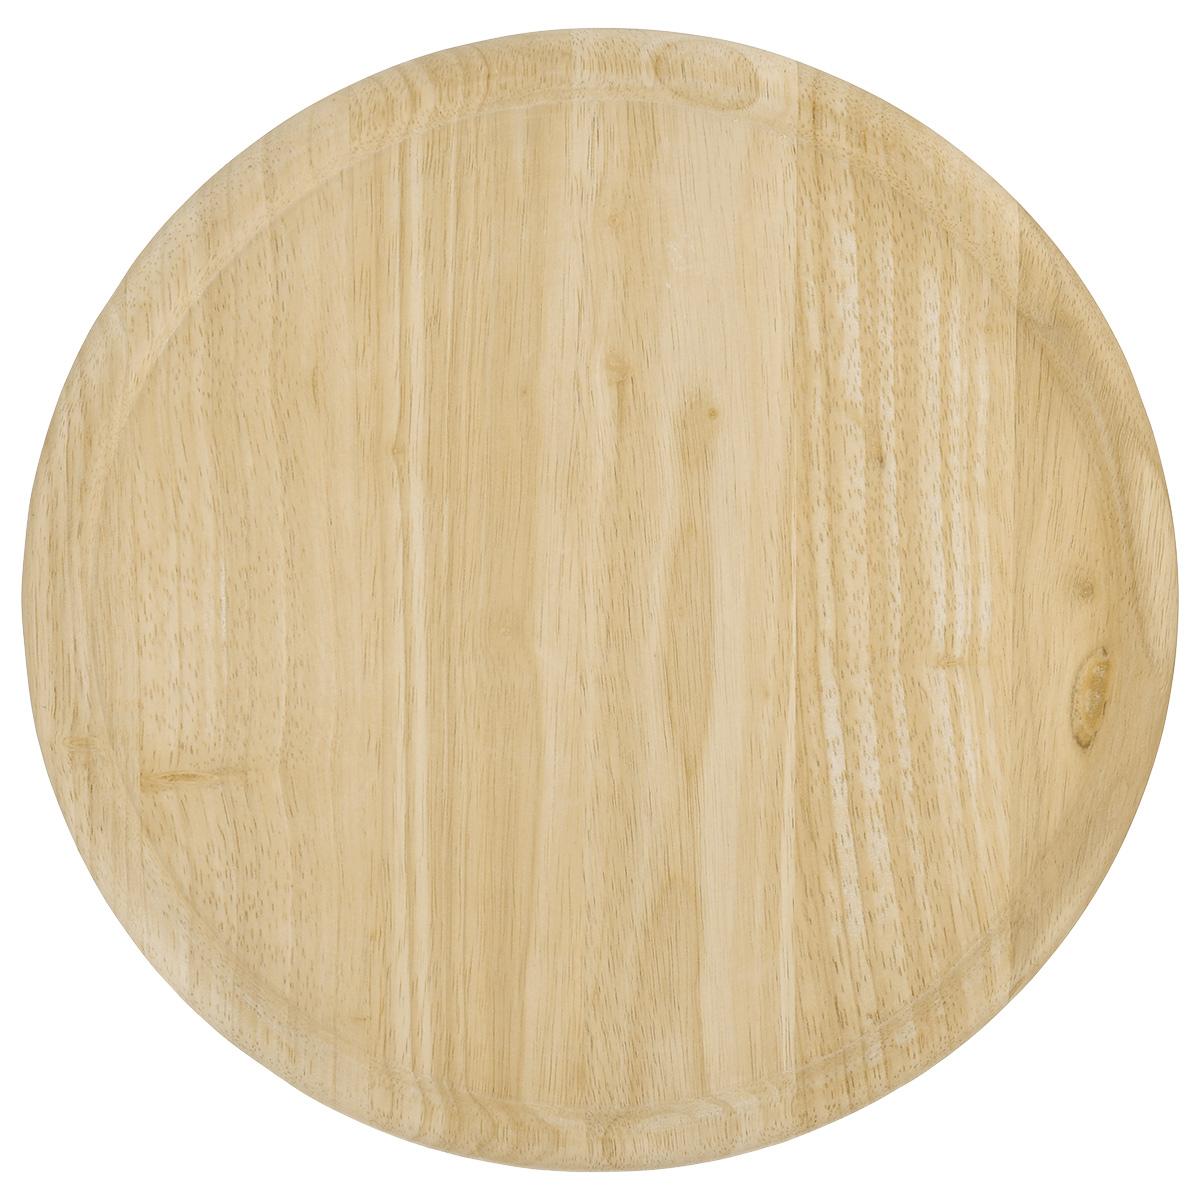 Доска для пиццы Kesper, диаметр 32 см8130/2Доска для пиццы Kesper изготовлена из каучукового твердого дерева. Бортик позволяет пицце не соскальзывать с поверхности. Доска удобна в эксплуатации. Подходит как для домашнего использования, так и для профессиональных точек общепита. Толщина: 1,5 см. Высота бортика: 0,5 см. Внутренний диаметр: 28 см